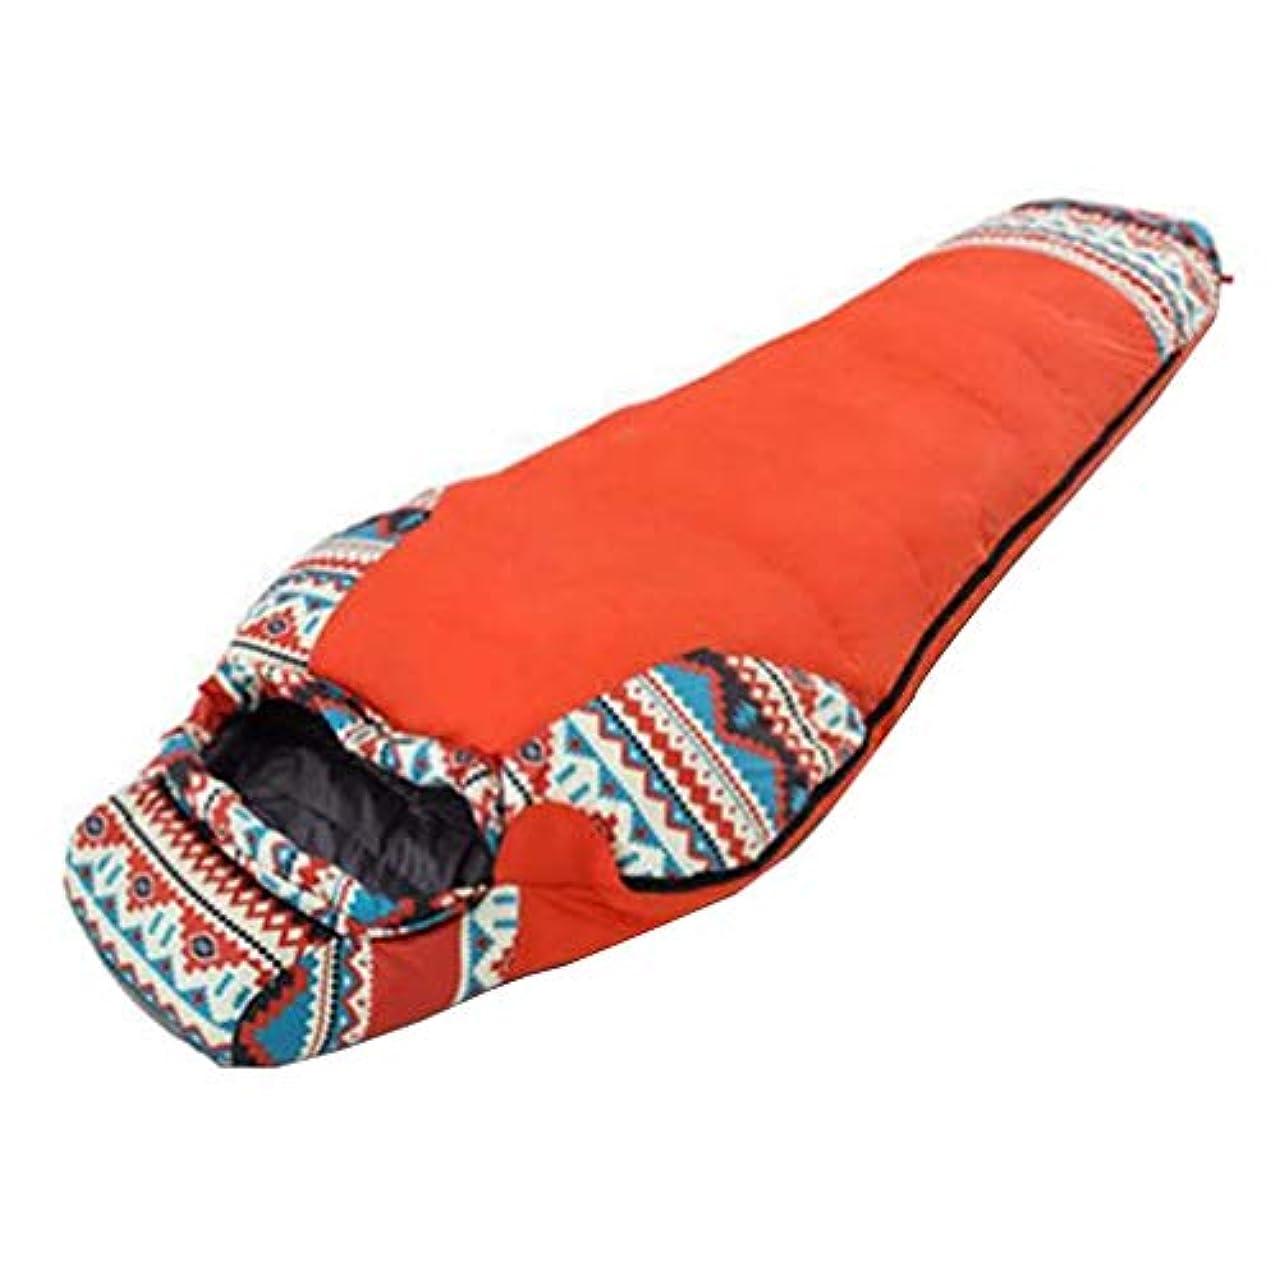 特権的周波数計り知れない単一の寝袋冬のための携帯用防水暖かい軽量そしてコンパックの寝袋